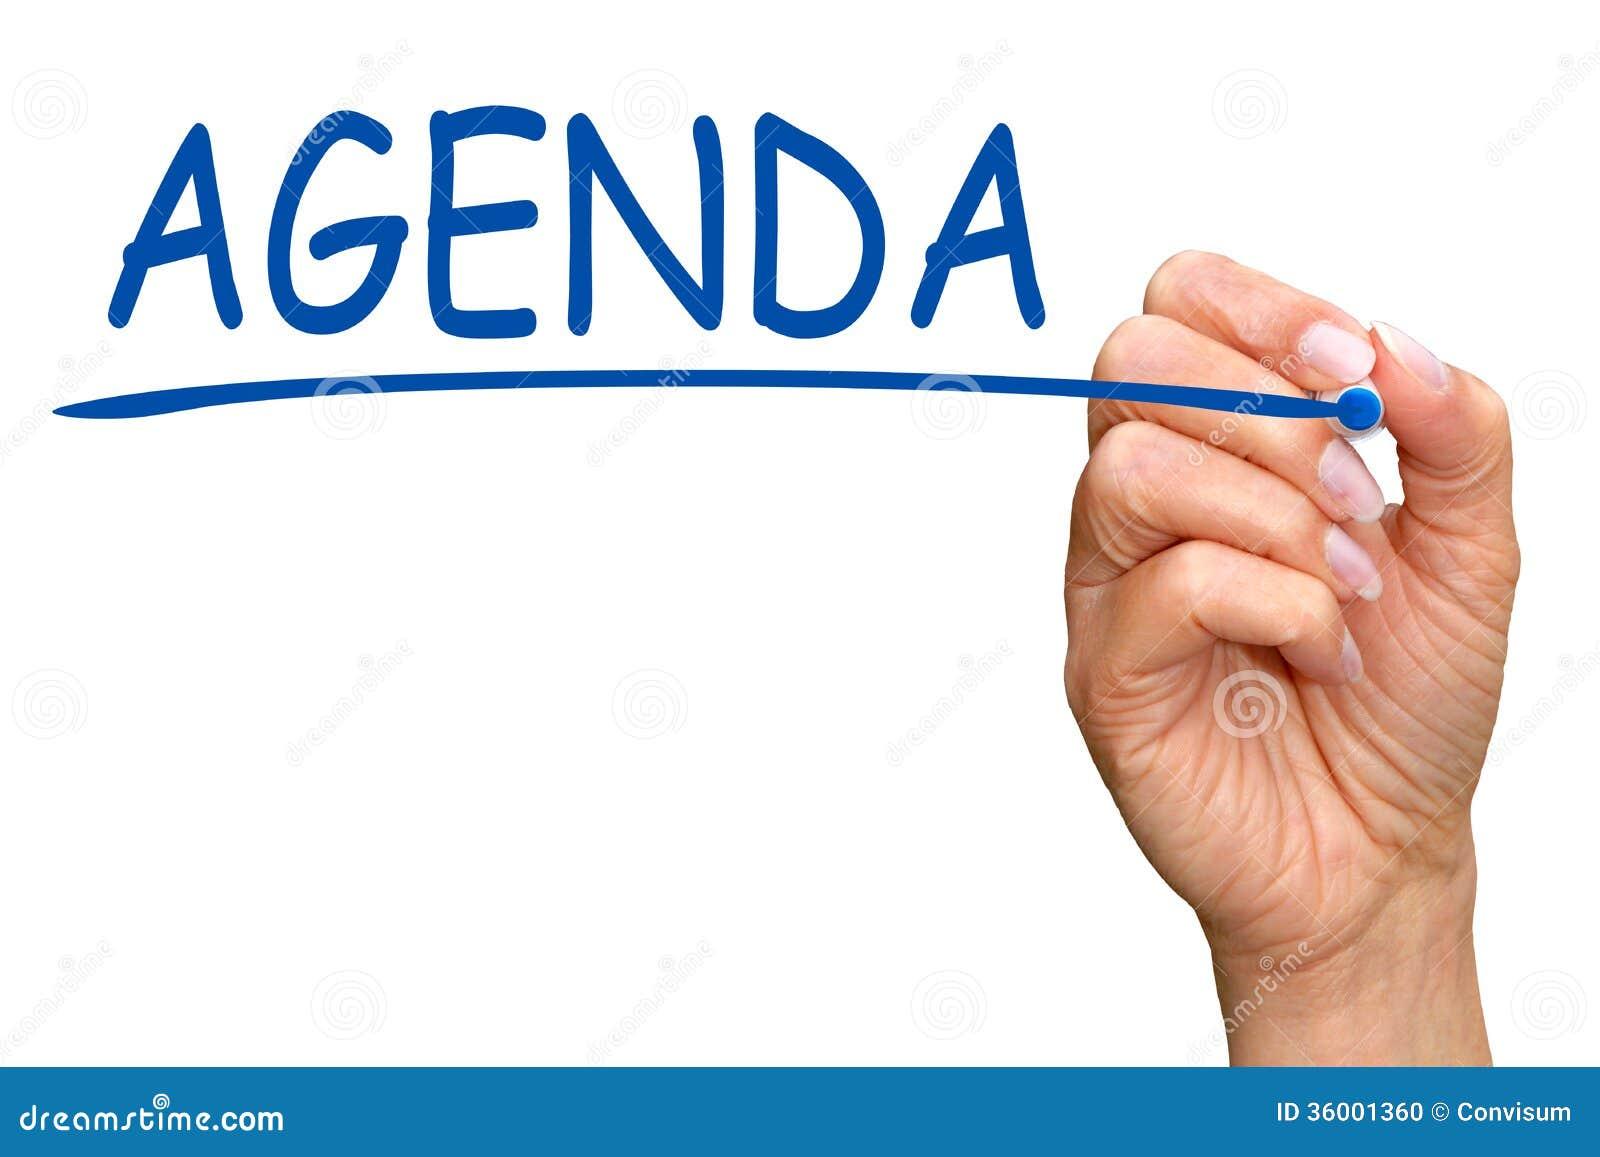 Hand Writing Word Agenda Photo Image 36001360 – Agenda Word